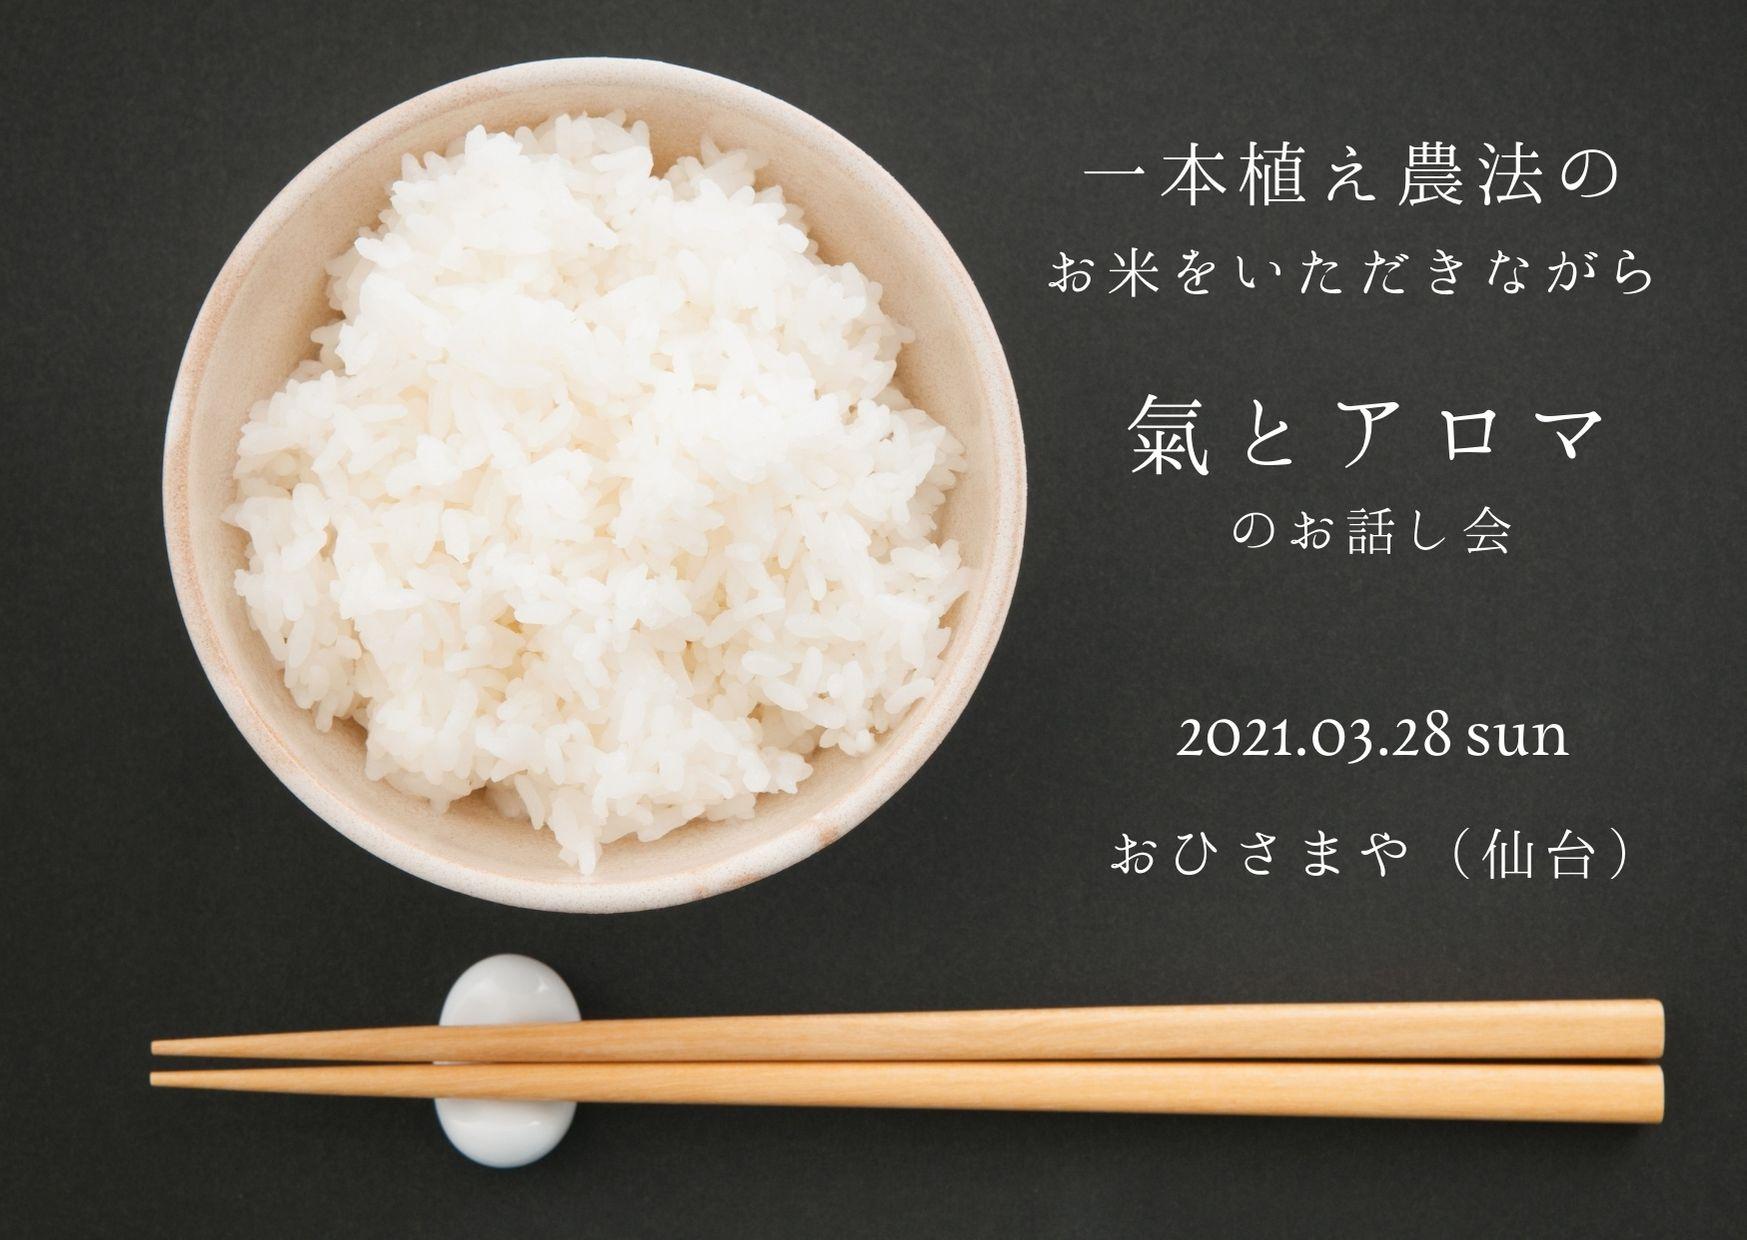 一本植え農法のお米をいただきながら、氣とアロマのお話し会(お知らせ)